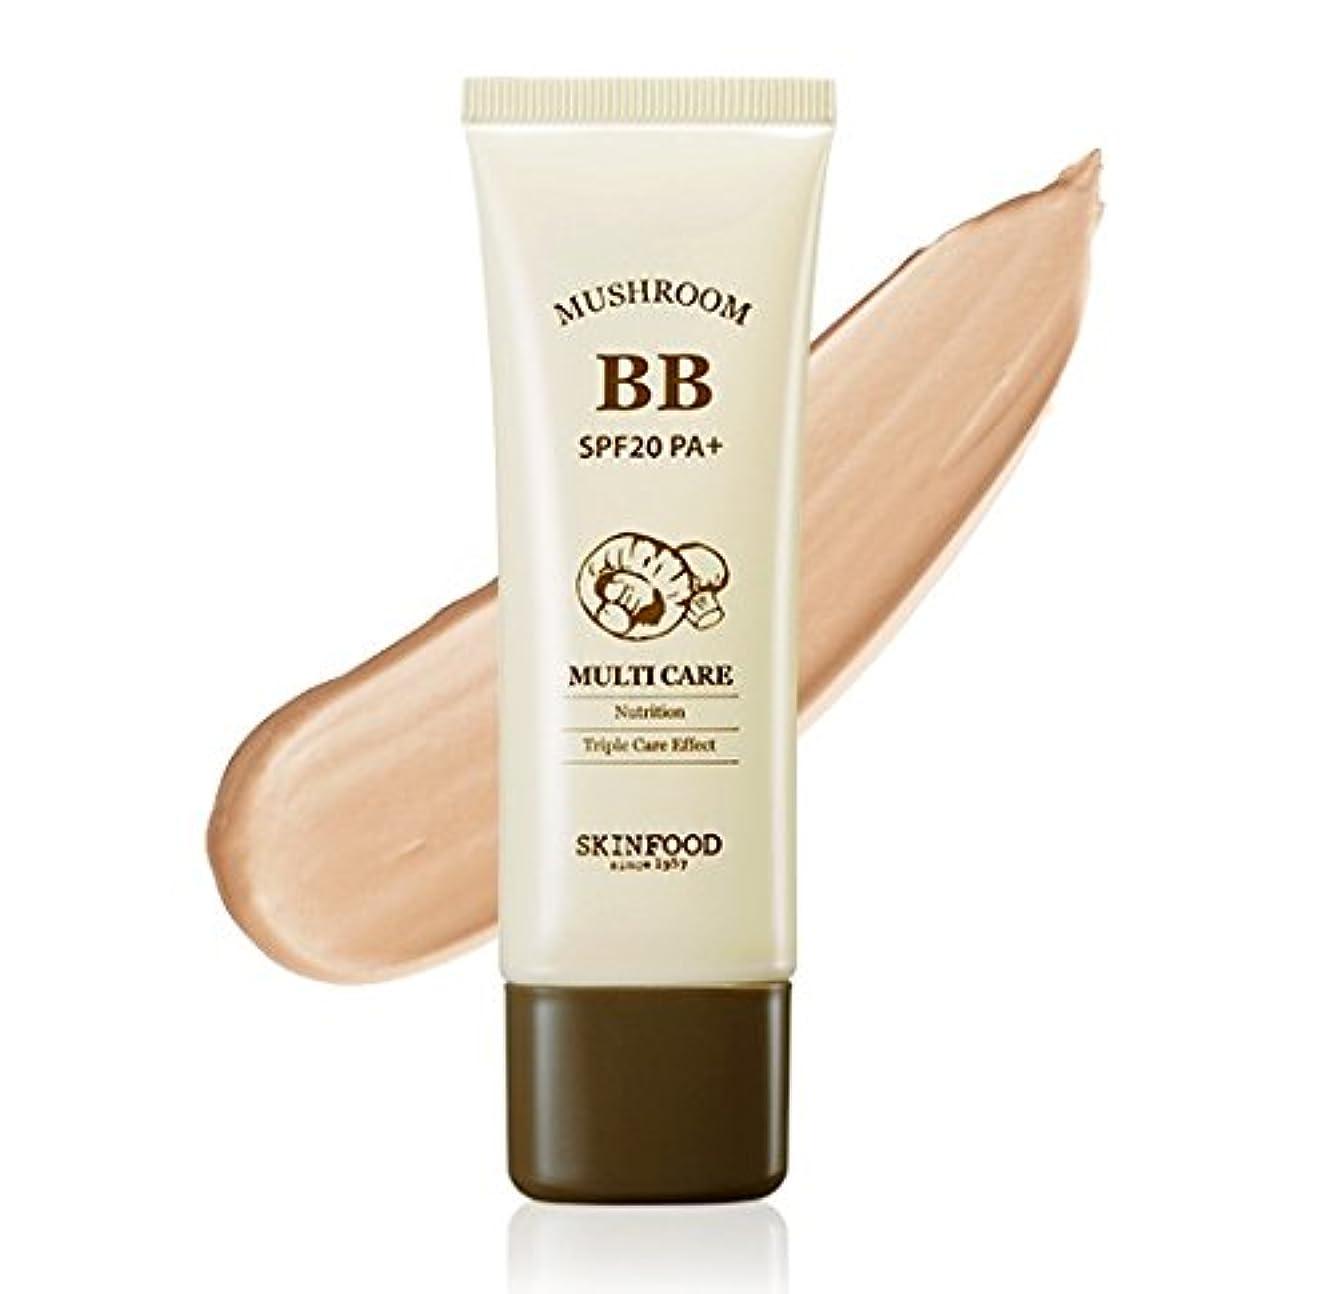 雑種興奮する引き付ける#Bright skin SKINFOOD Mushroom Multi Care BB Cream スキンフード マッシュルーム マルチケア BB cream クリーム SPF20 PA+ [並行輸入品]